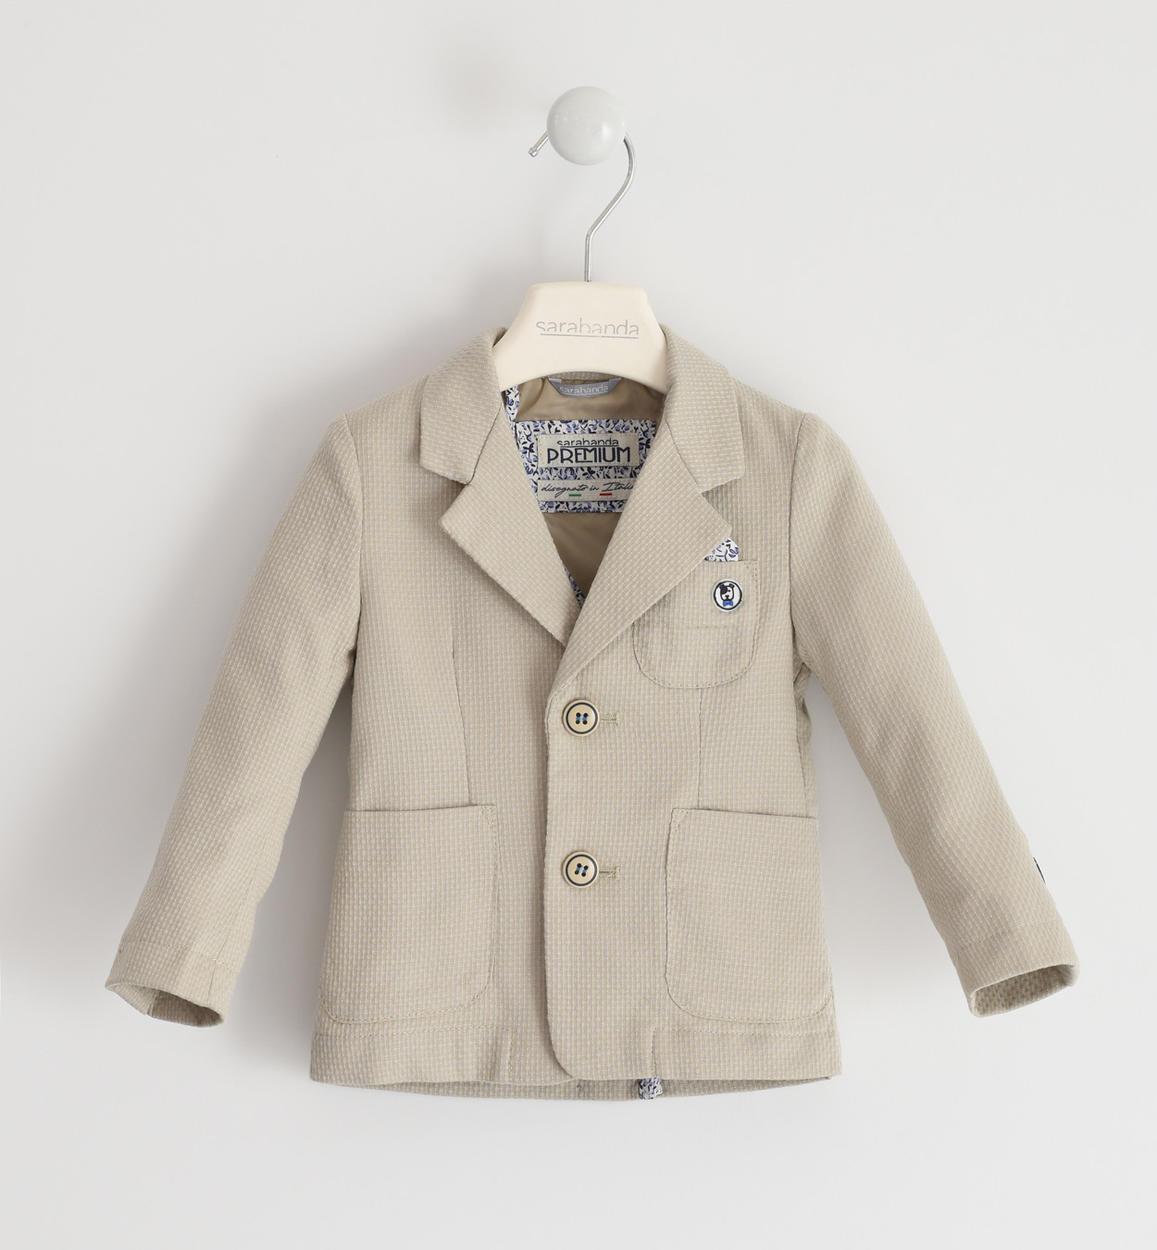 graziosa giacca micro fantasia per bambi beige fronte 01 1240j16400 0435